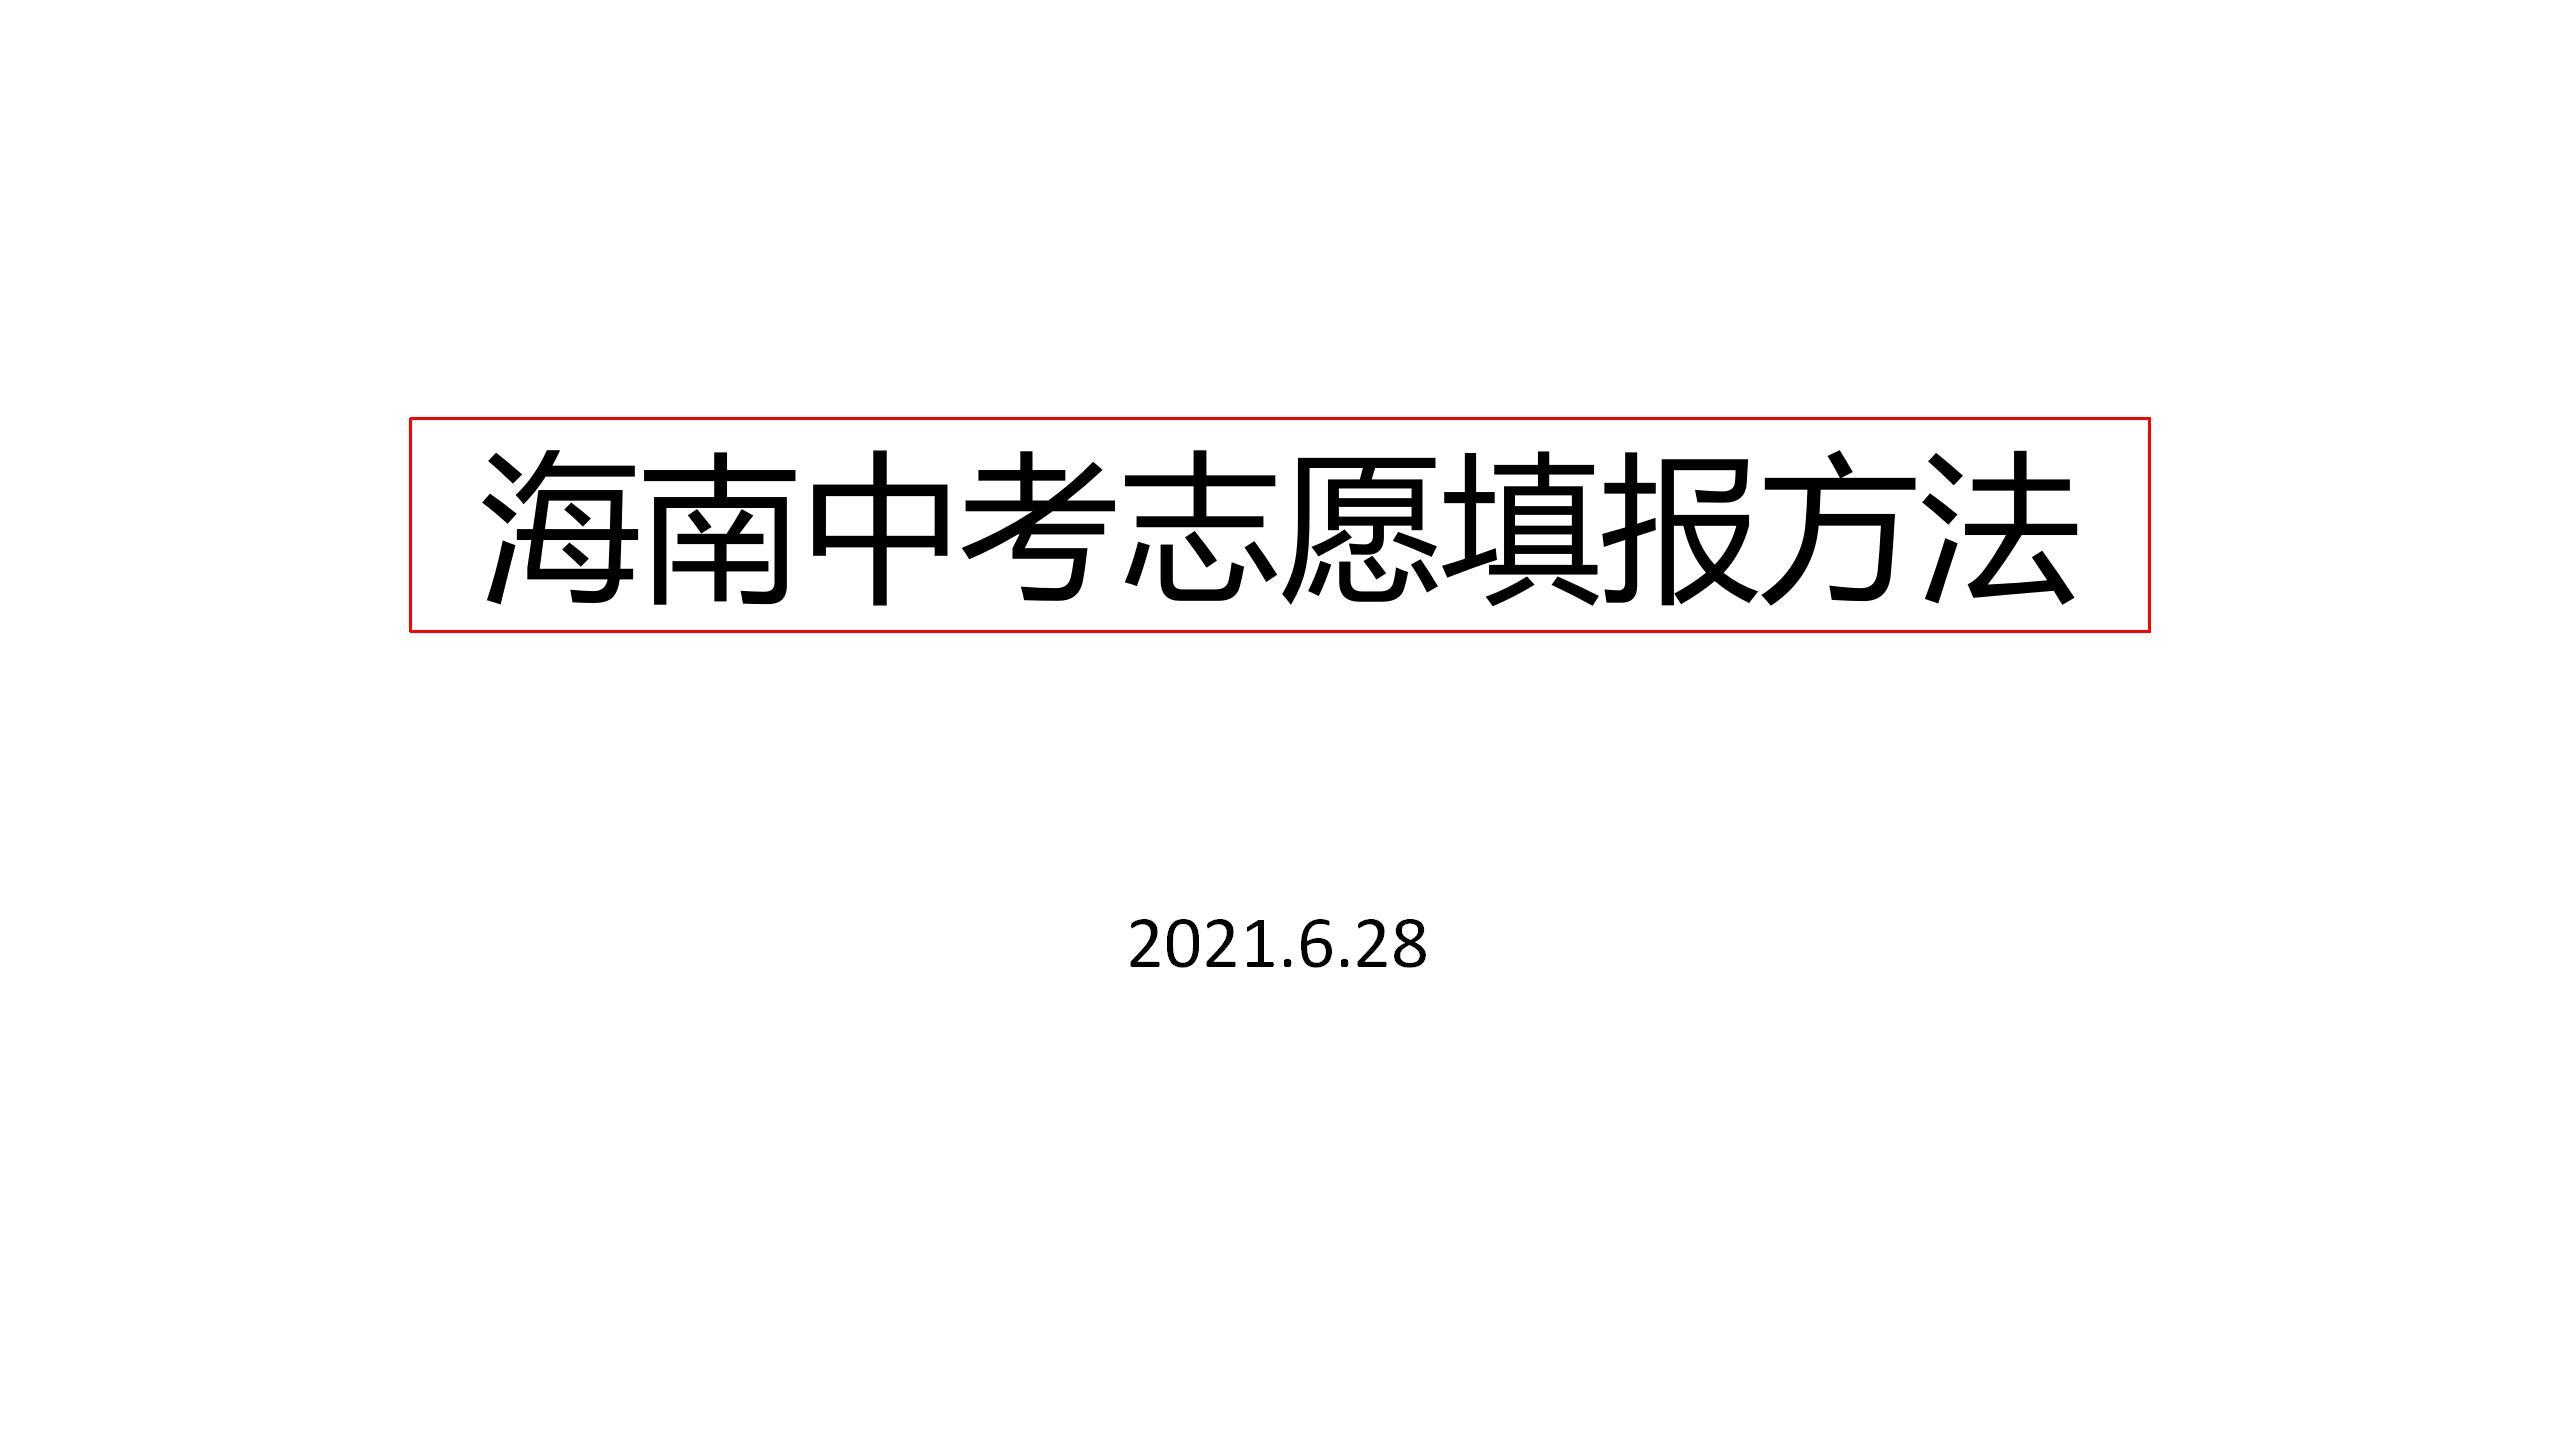 2021中考志愿填报流程_01.jpg